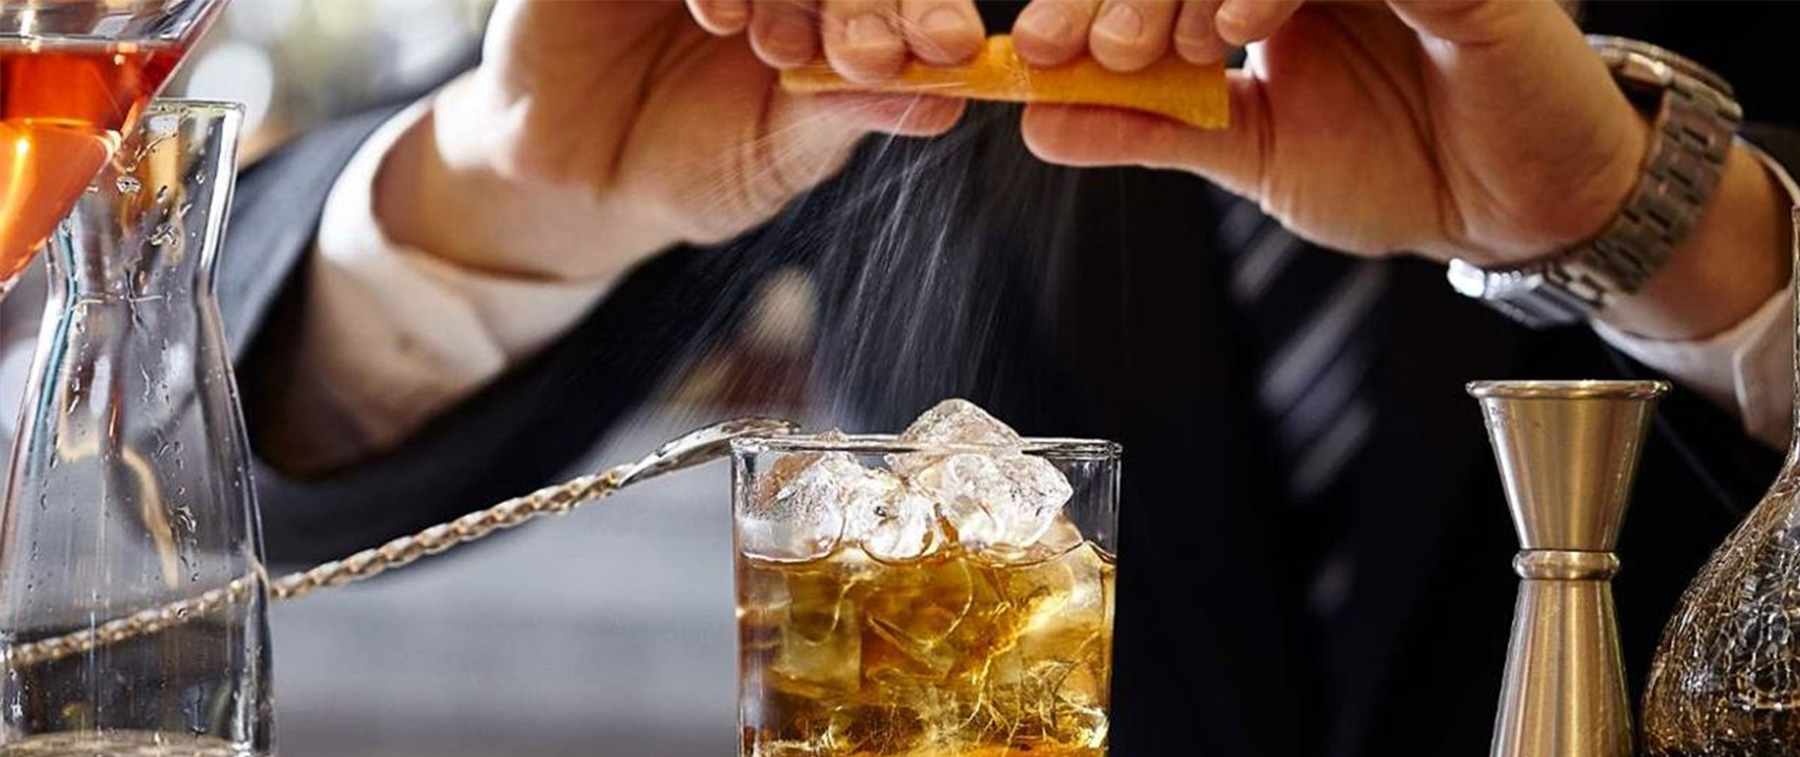 Bartender Making A Drink